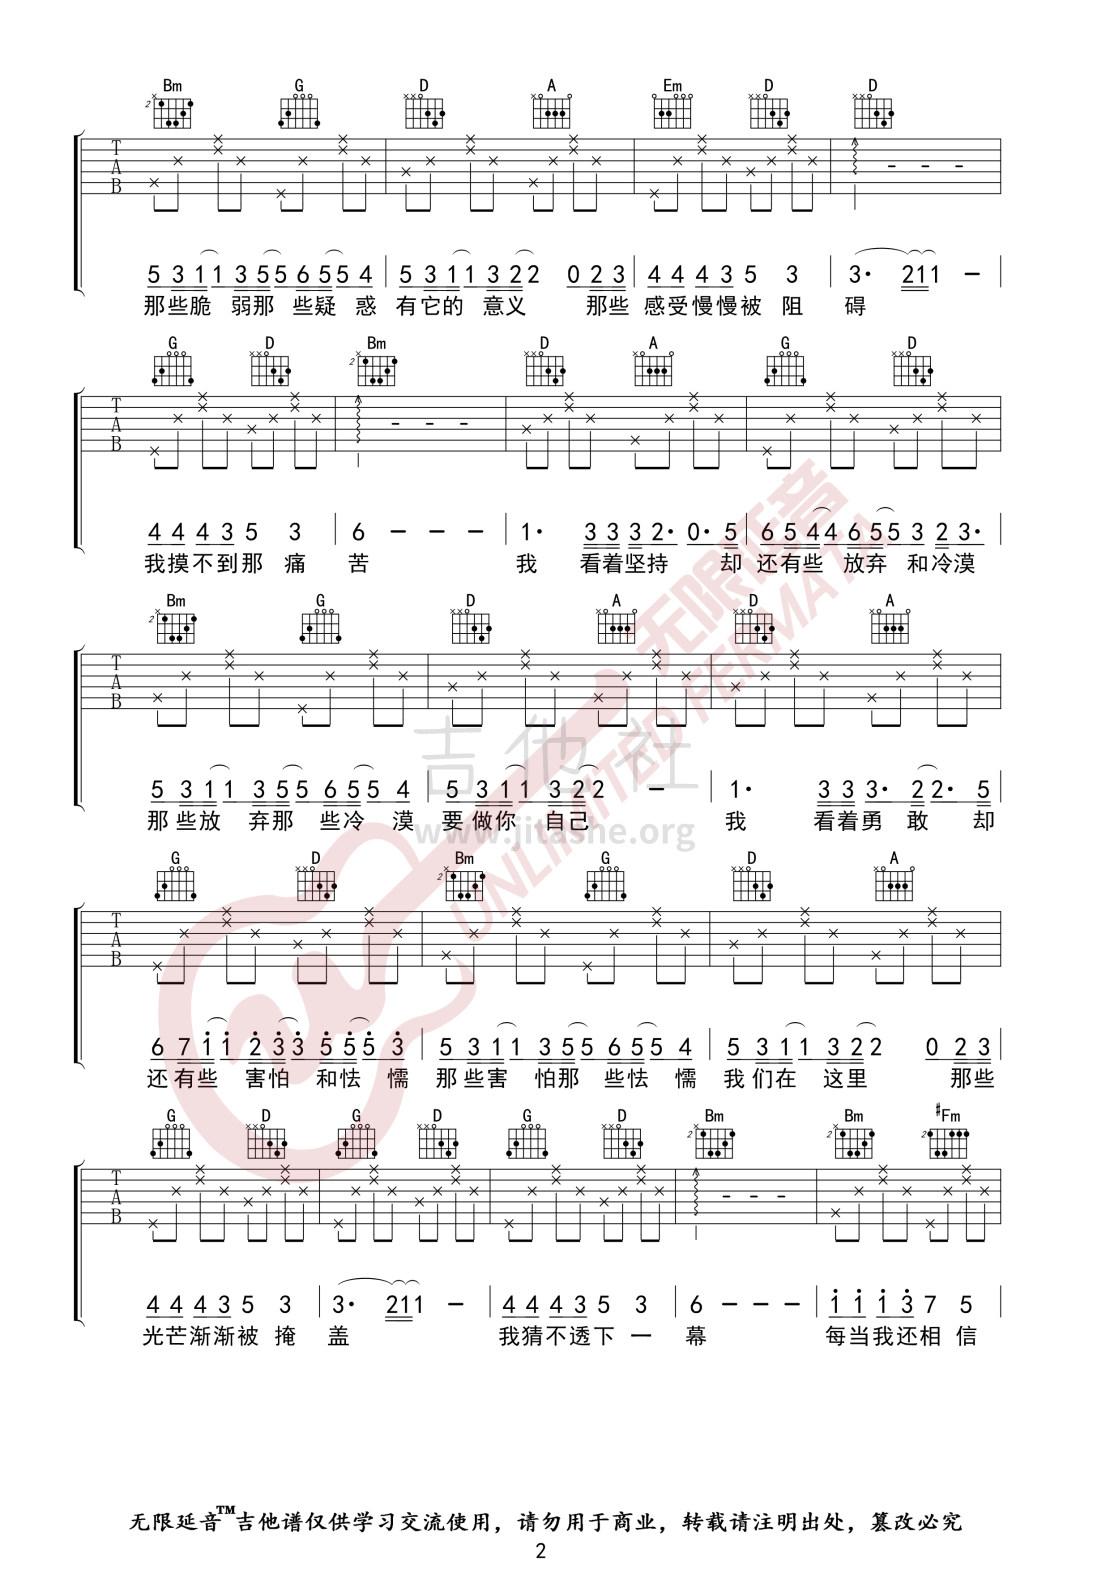 与火星的孩子对话(无限延音编配)吉他谱(图片谱,无限延音编配,弹唱)_华晨宇_与火星的孩子对话02.jpg